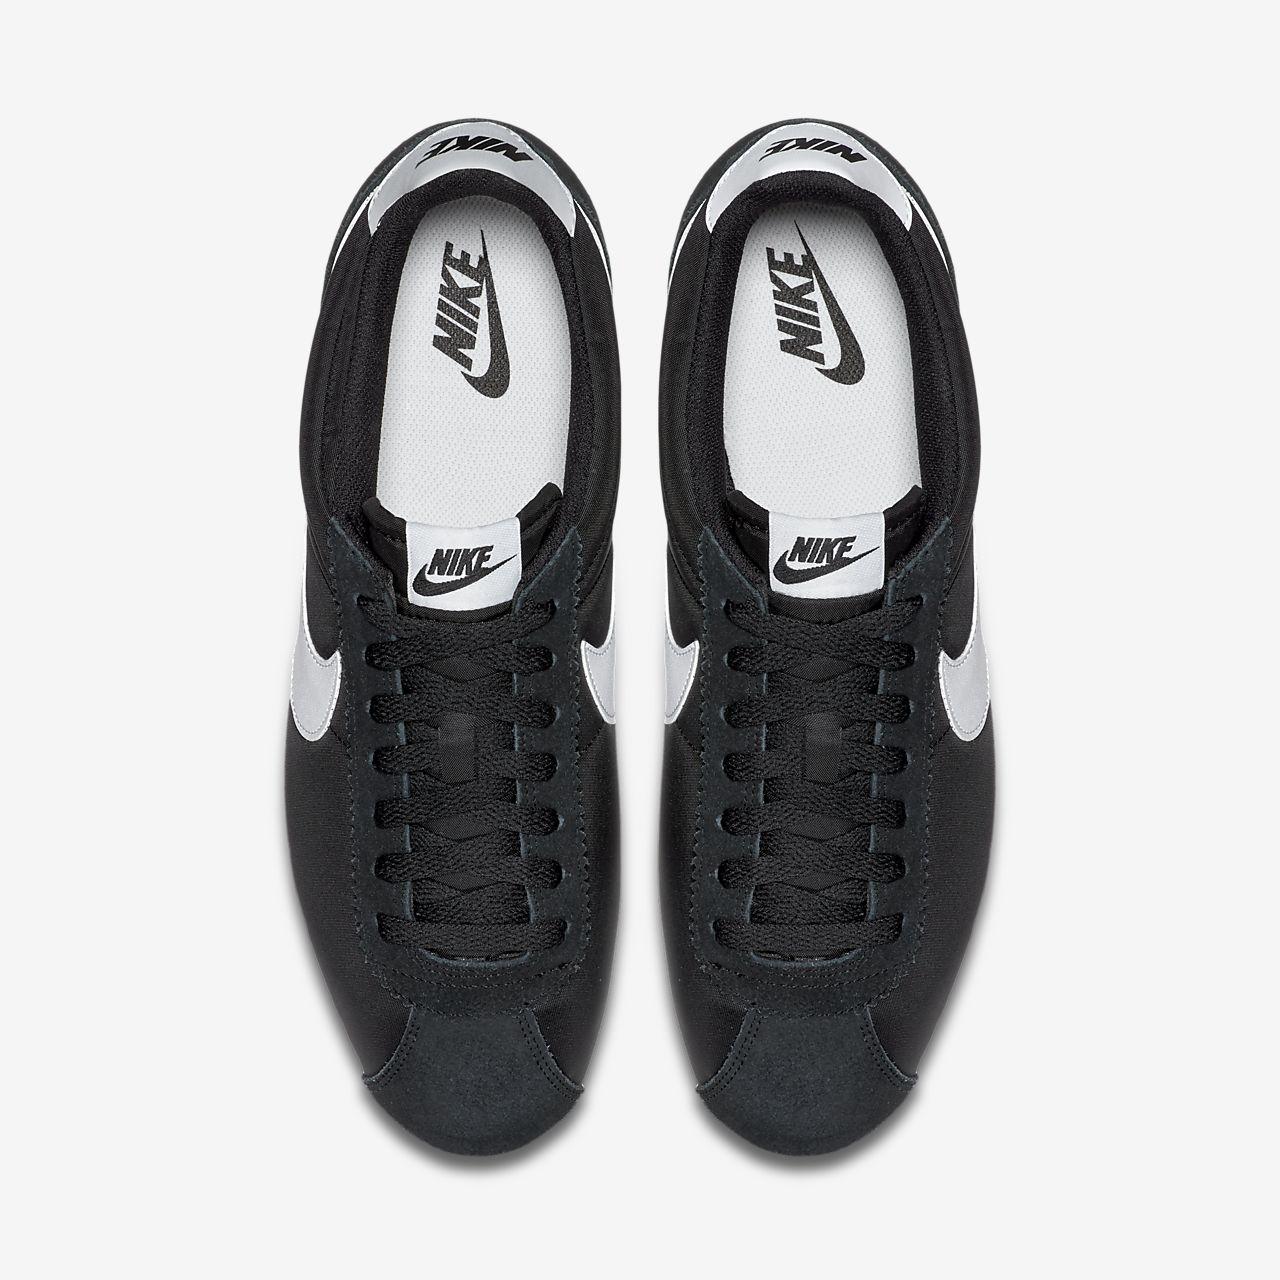 promo code b15f8 33c82 ... Nike Classic Cortez Nylon Unisex Shoe